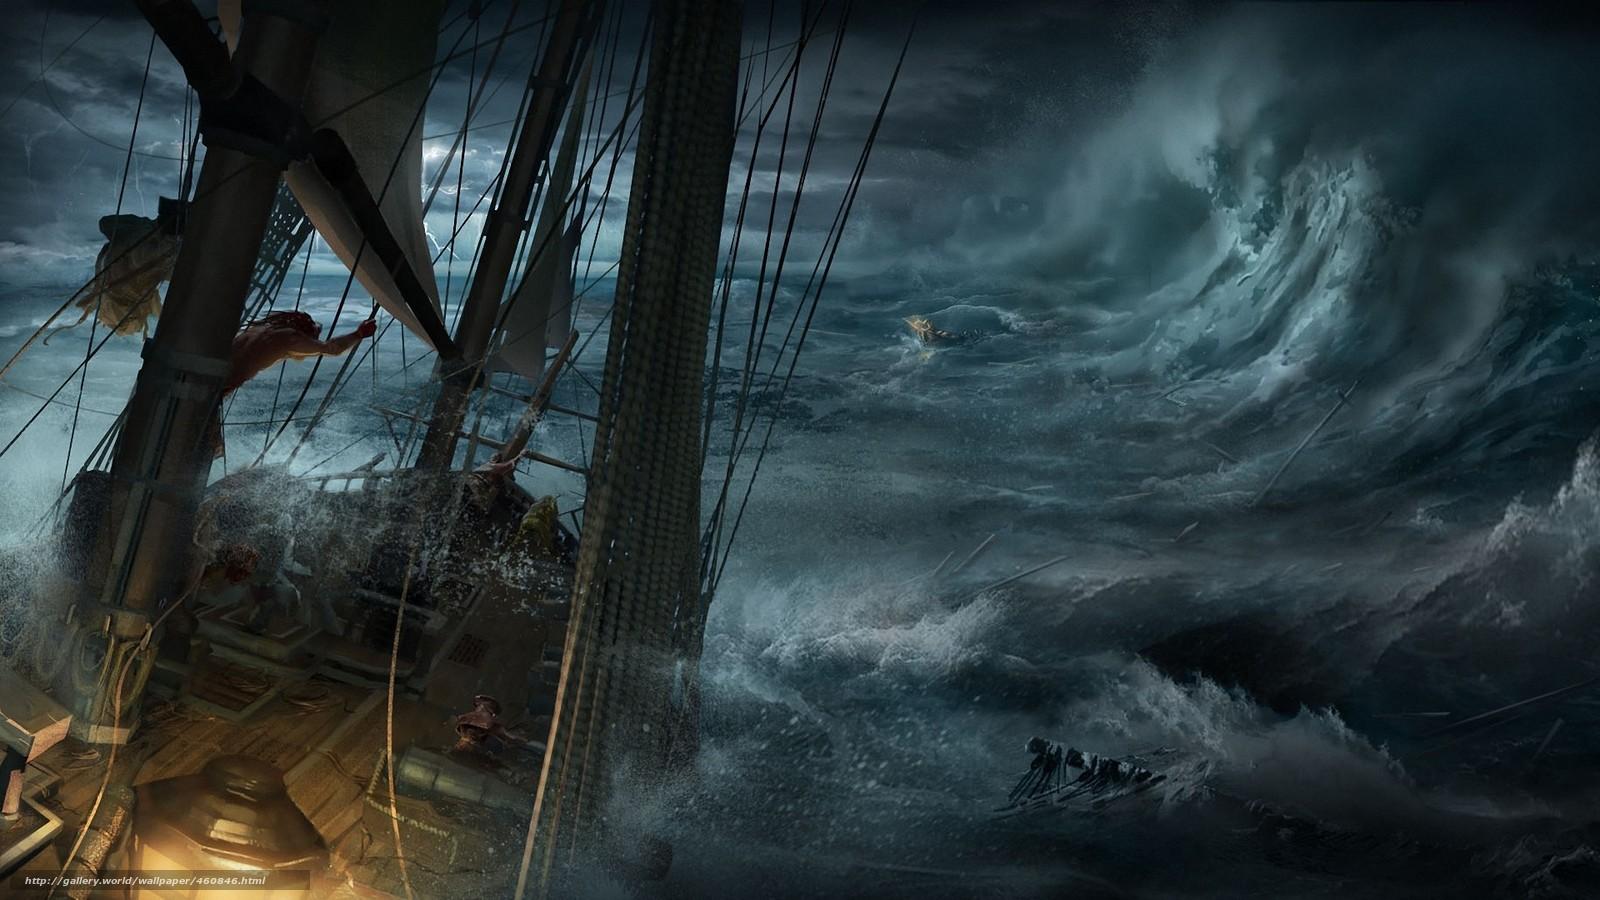 Přízrak oceánů: Bludný Holanďan 12955